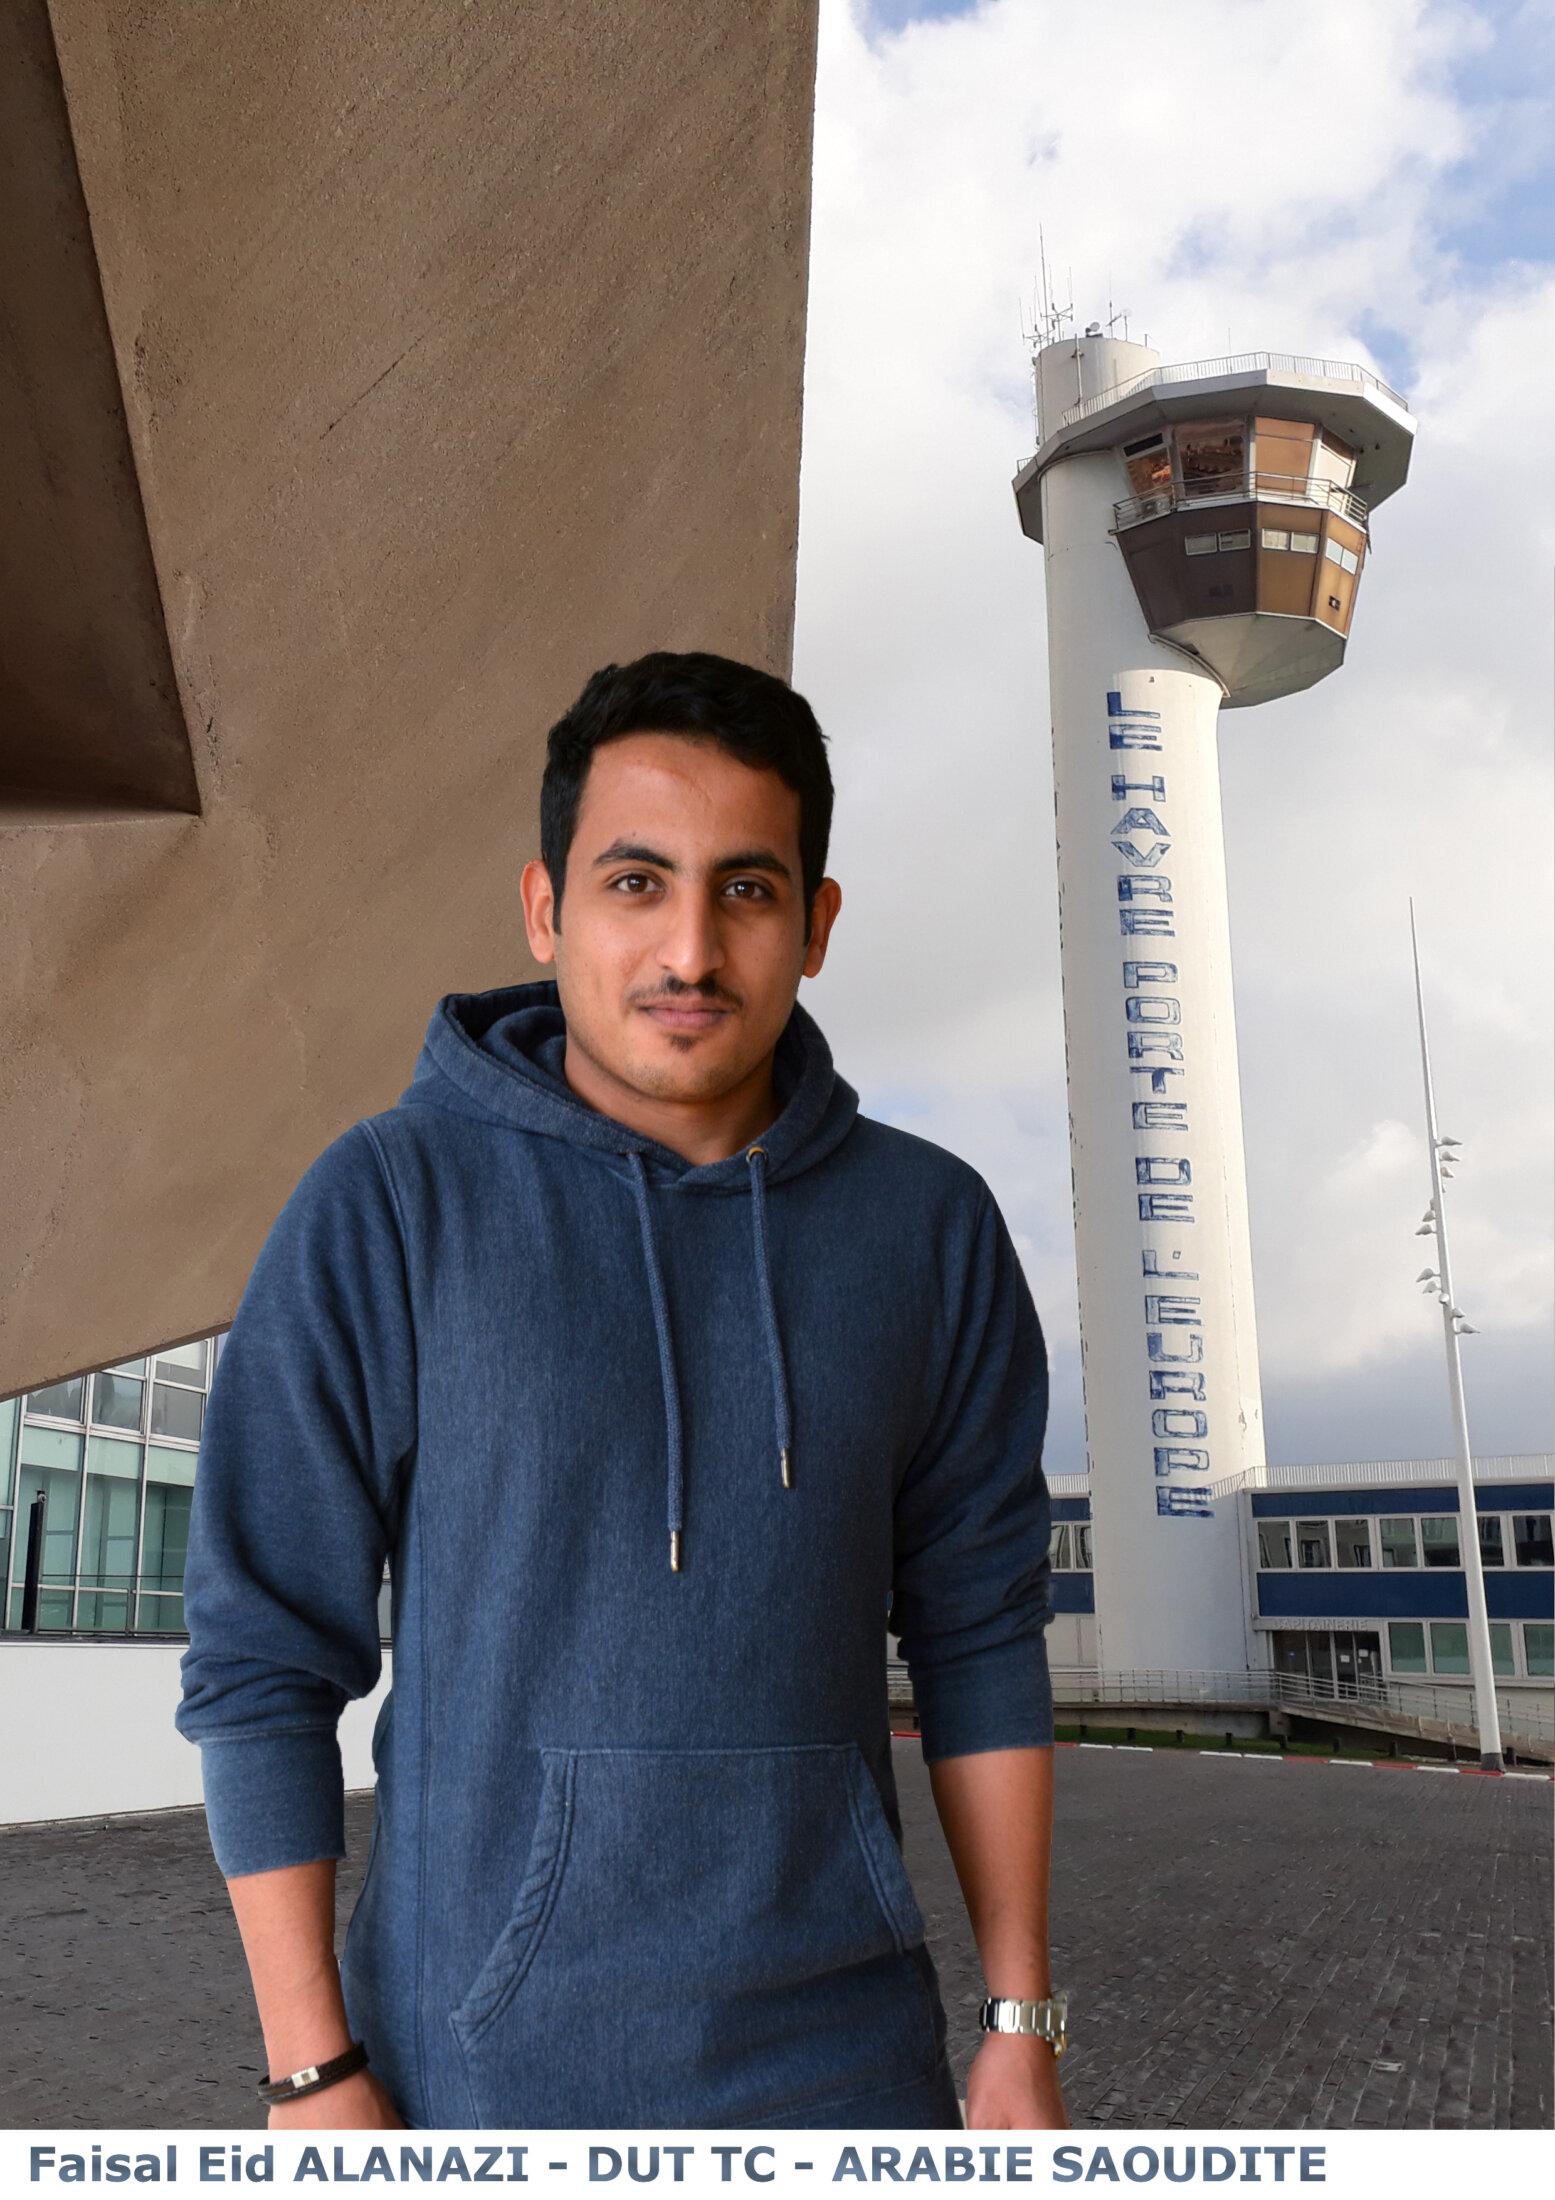 Faisal Eid ALANAZI Capitainerie